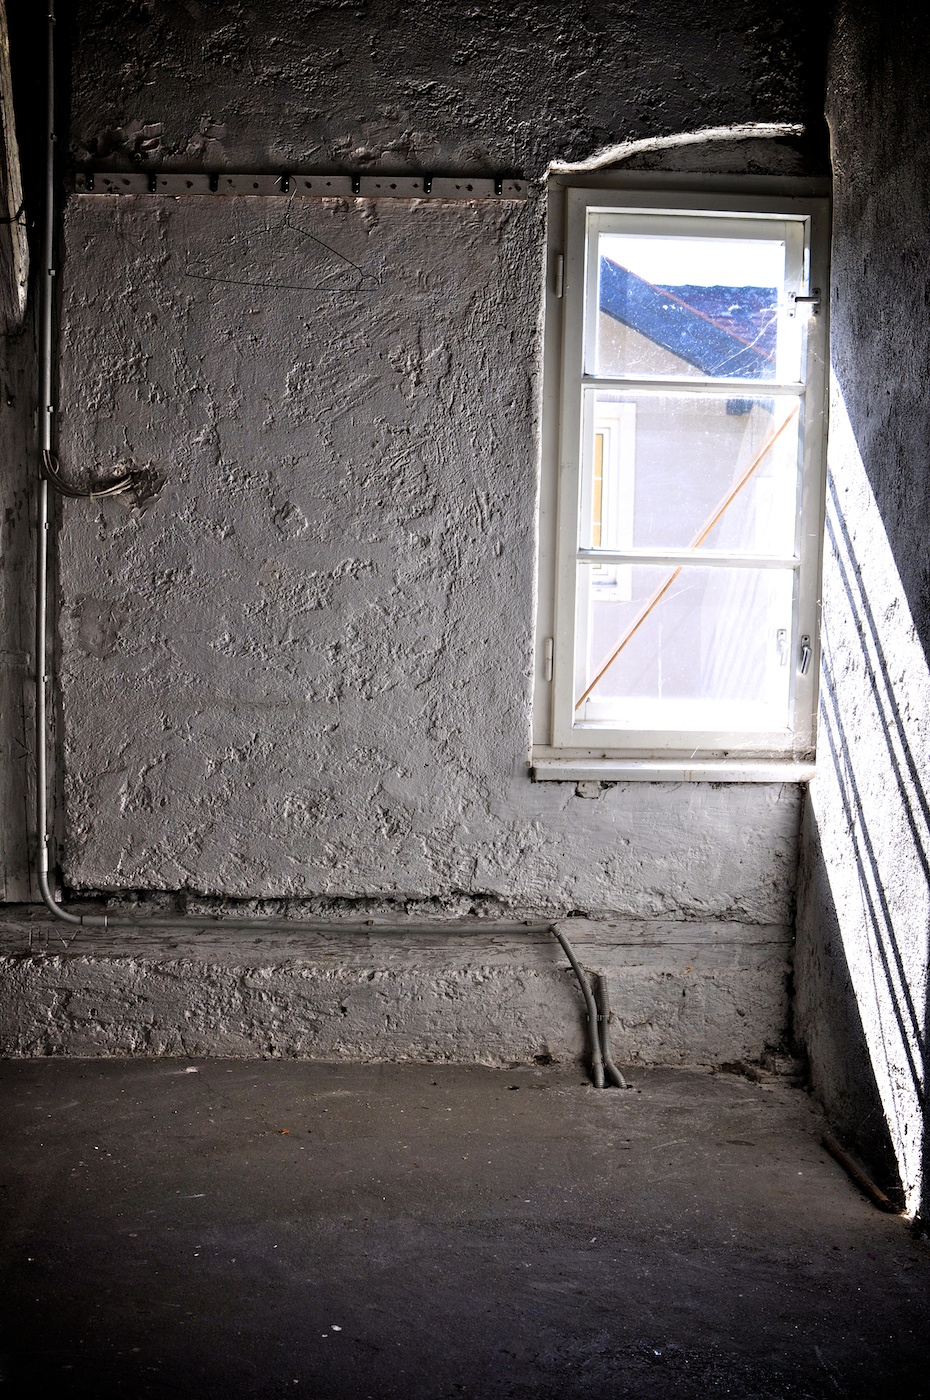 Be Creative #234 - Empty Rooms, © Ines Häufler, 2011